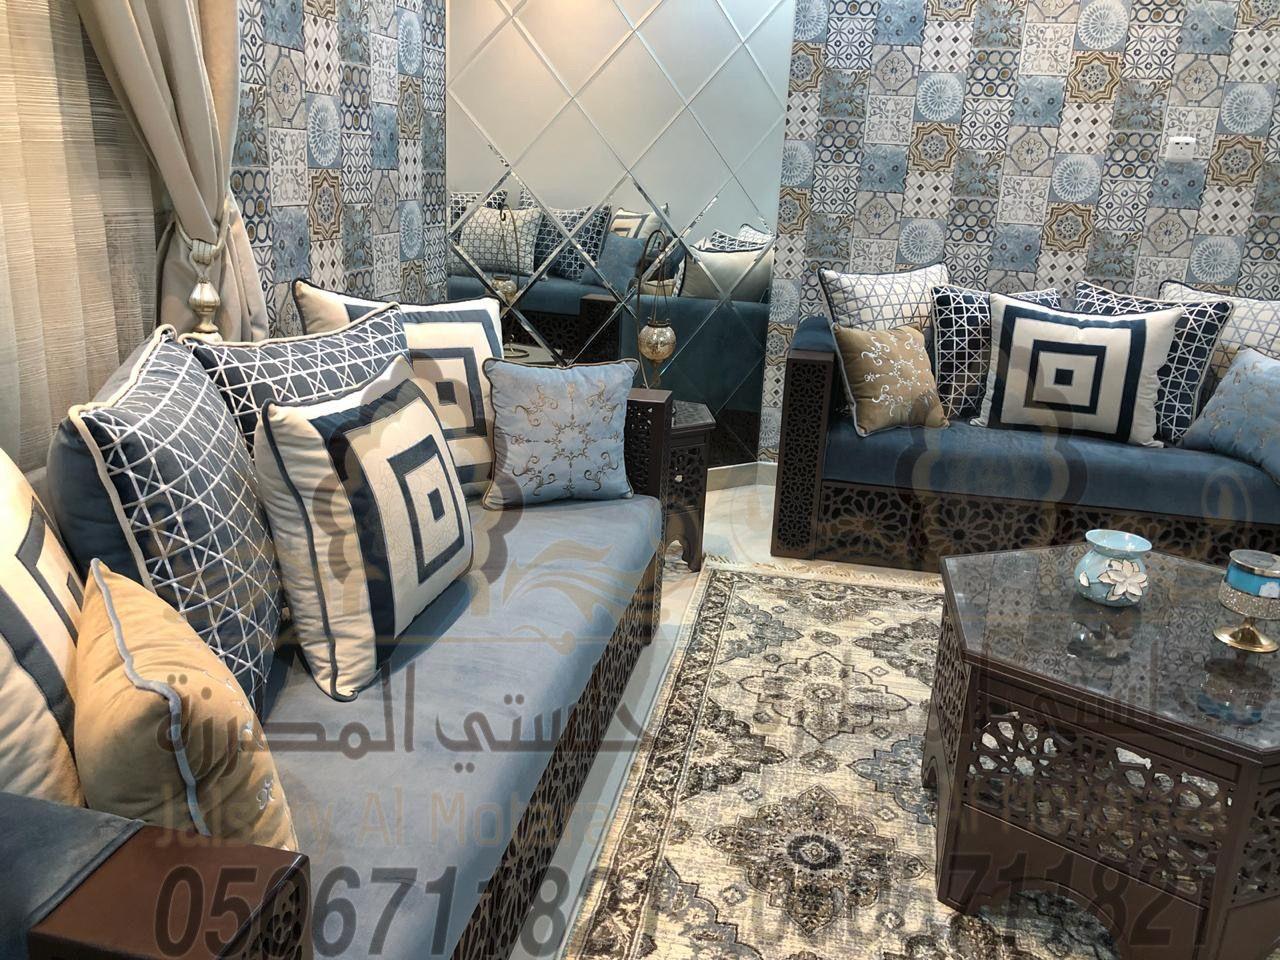 كنب مغربي روعة من تصميم وتنفيذ جلستي المطرزة جوال 0506711821 Home Decor Home Sectional Couch